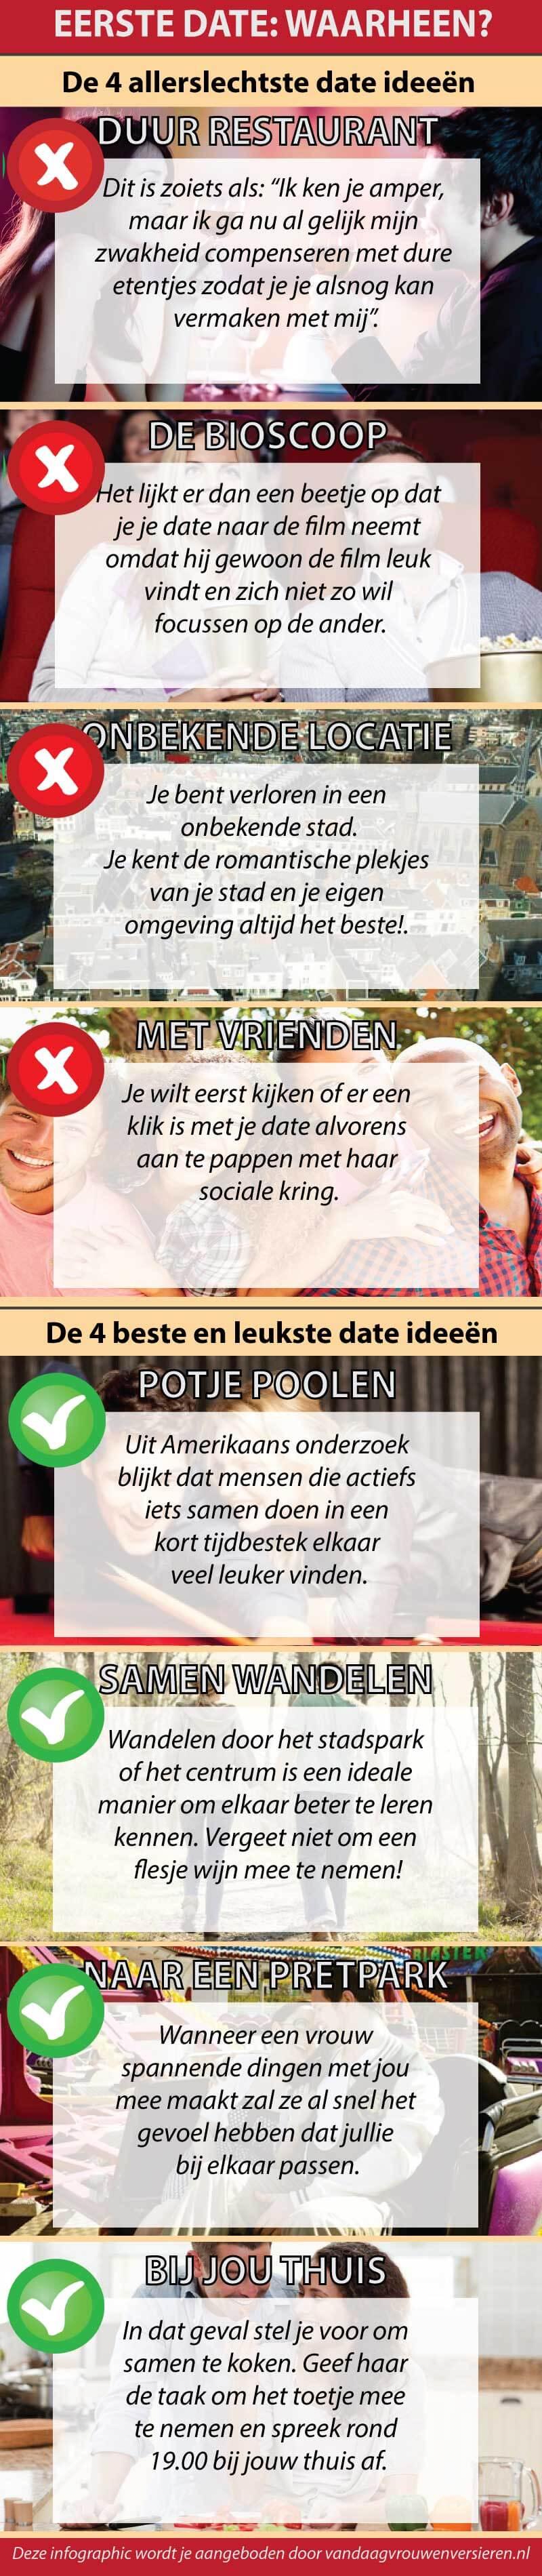 leuke dating tips Het leuke aan samen sporten is dat je  hem uitvragen doe je zo (12 tips)  meer dan 55000 nederlandse mannen en vrouwen volgen zijn adviezen over dating, liefde.